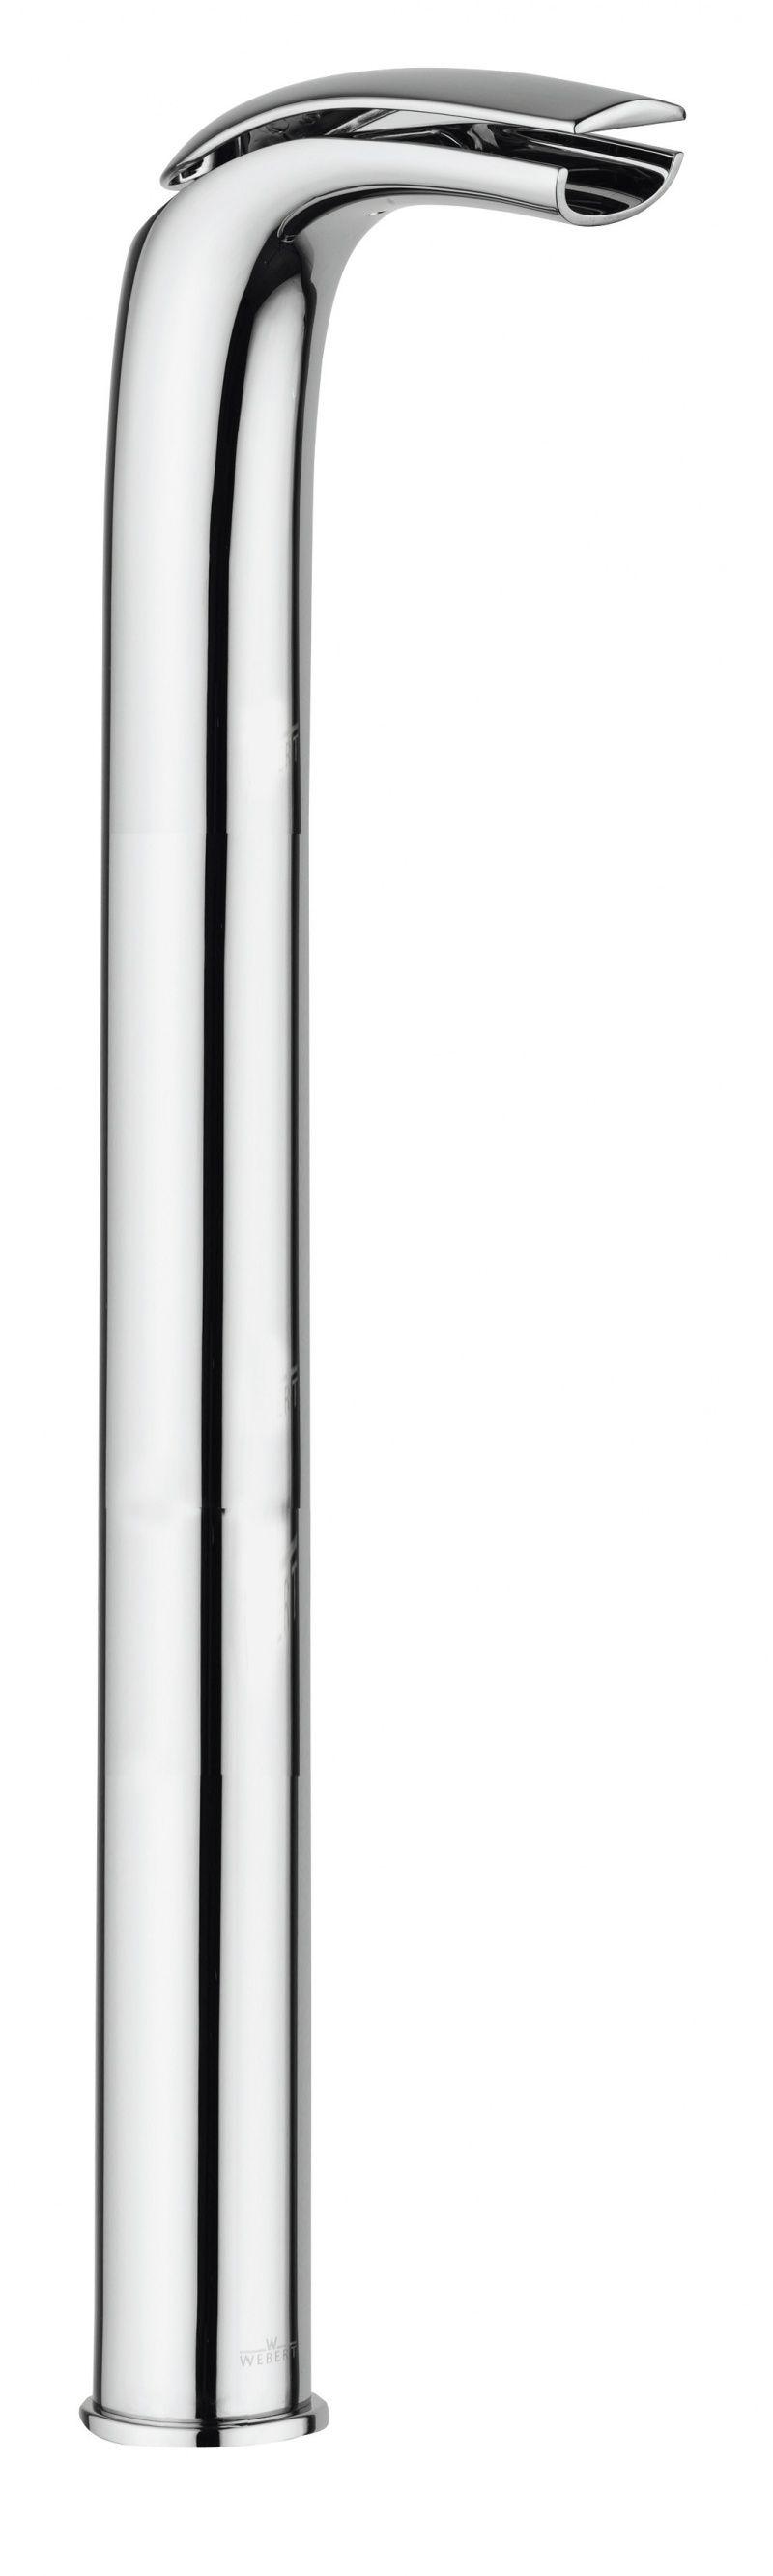 картинка Смеситель напольный Webert Aria AI832301 Хром с ручкой Promice